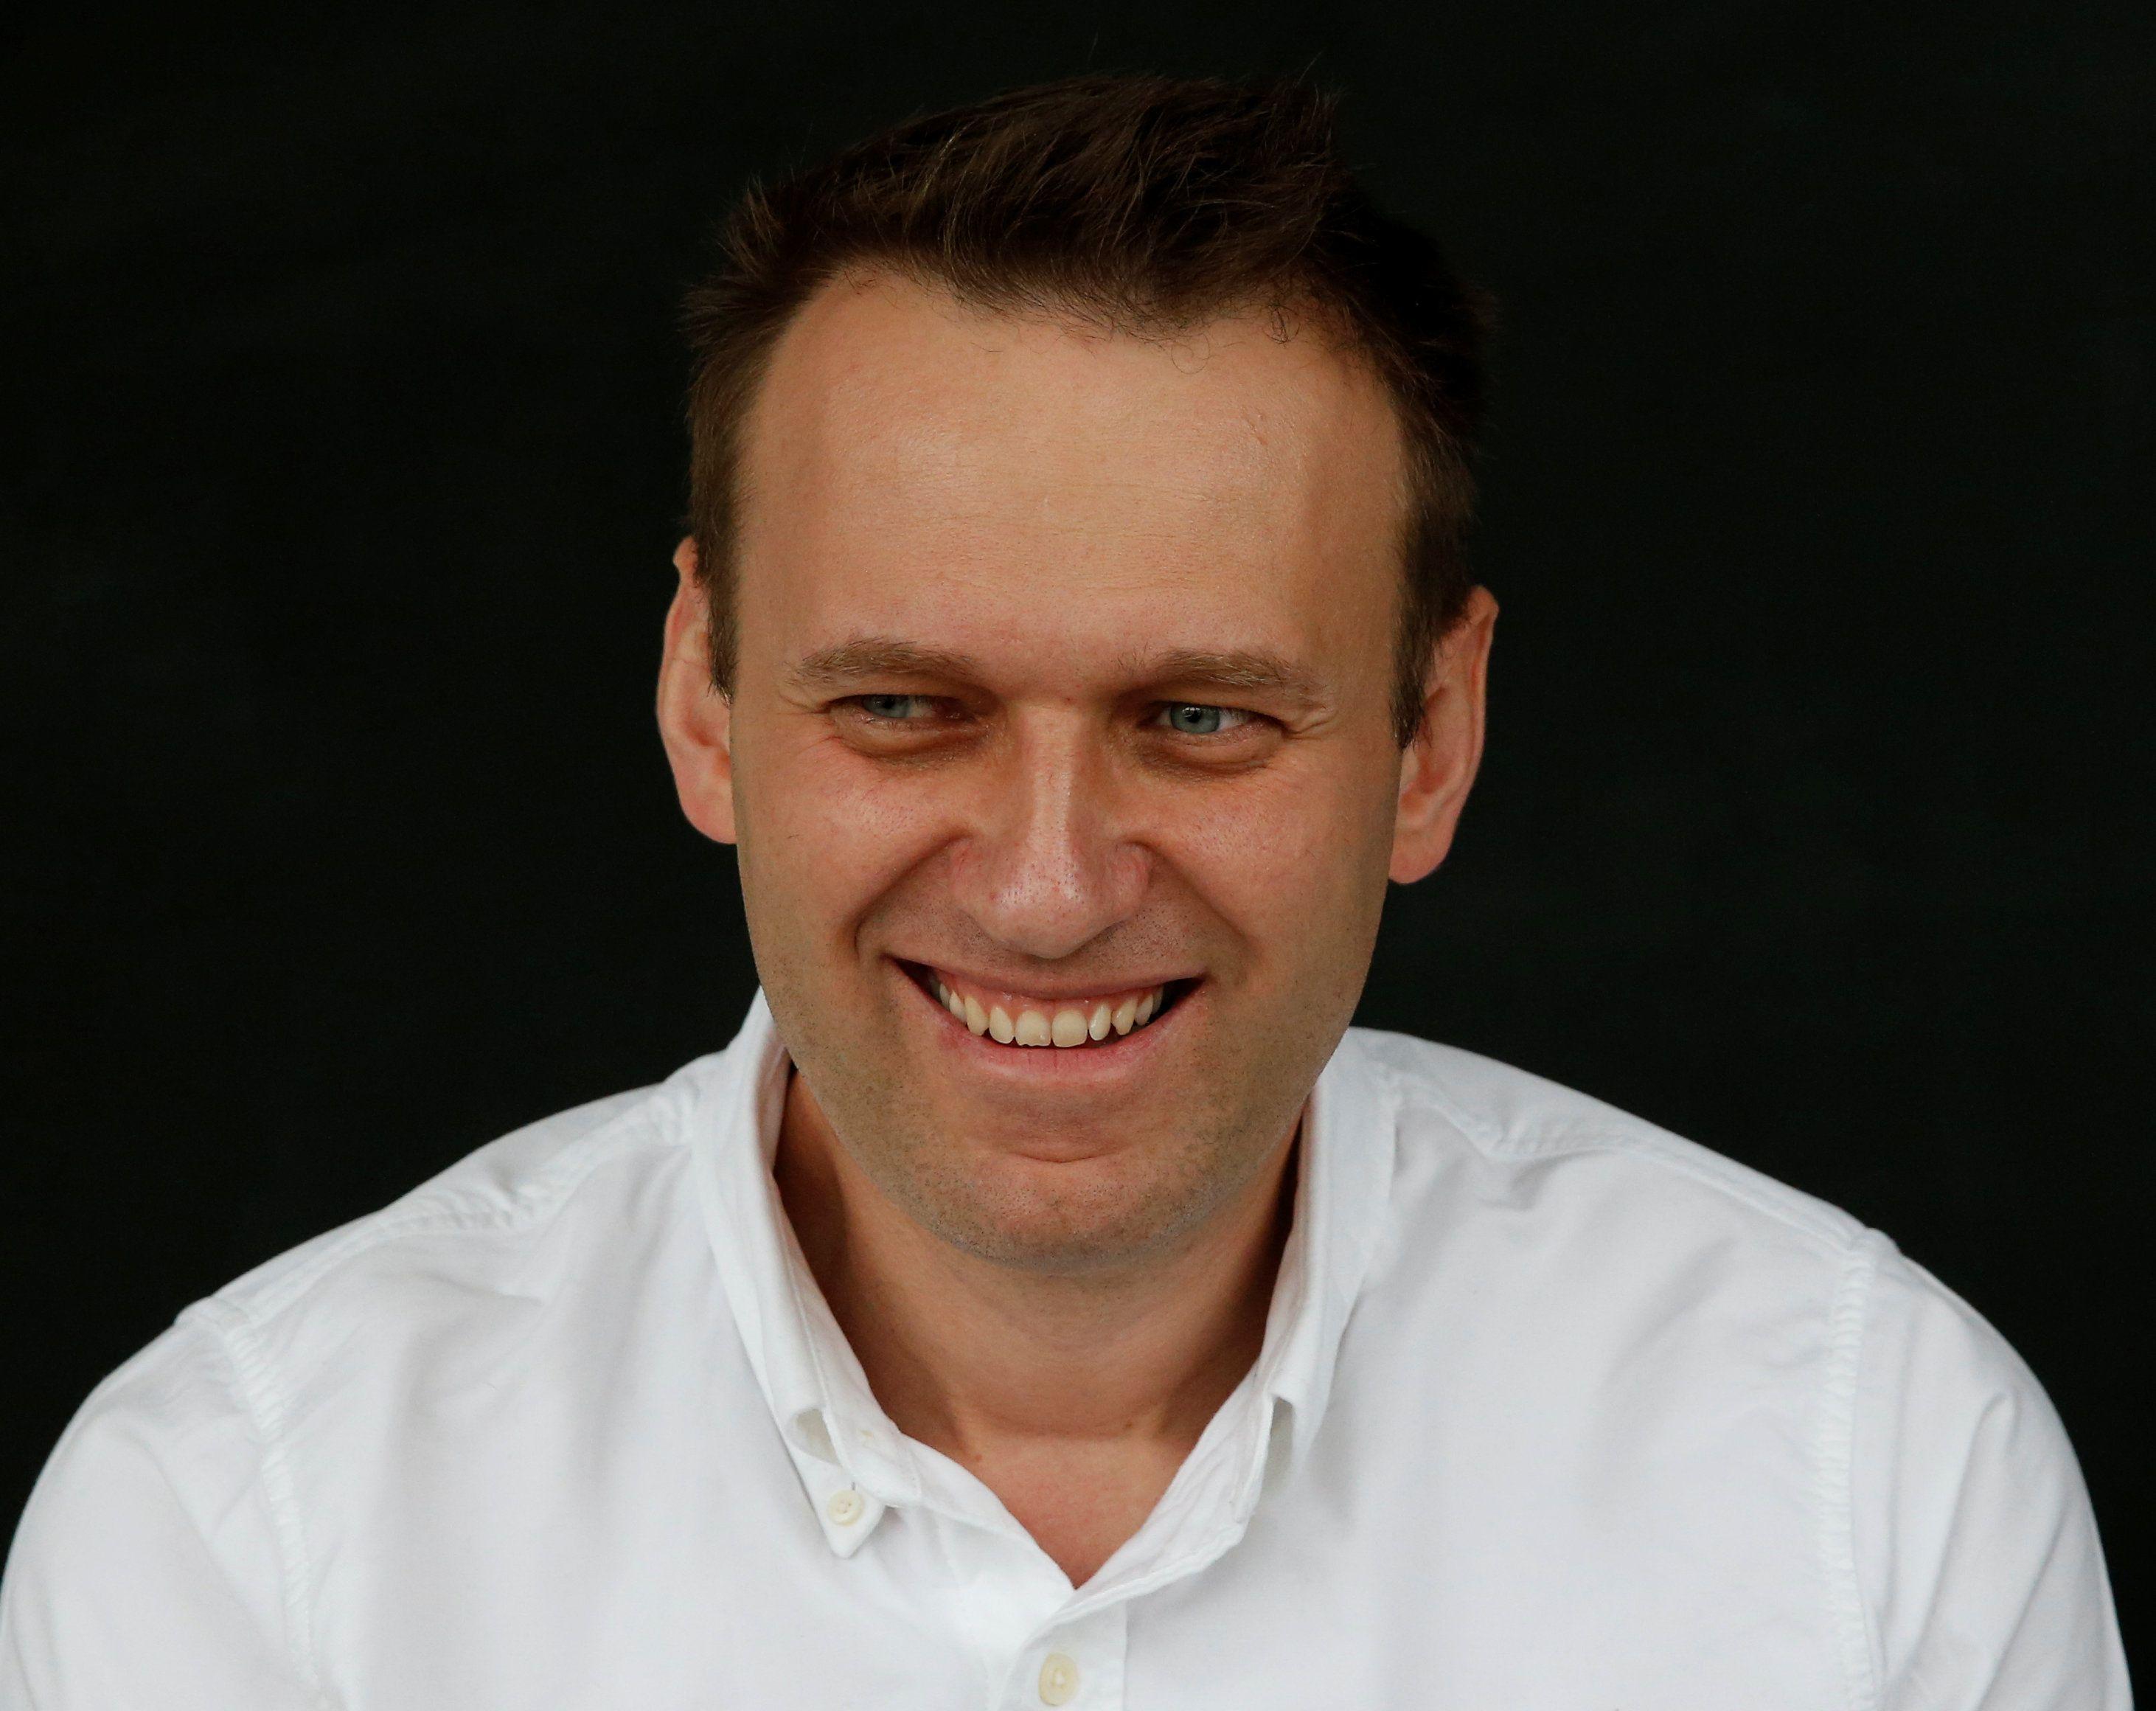 У Навального токсичне отруєння, повідомила його речниця – Навальний отруєння